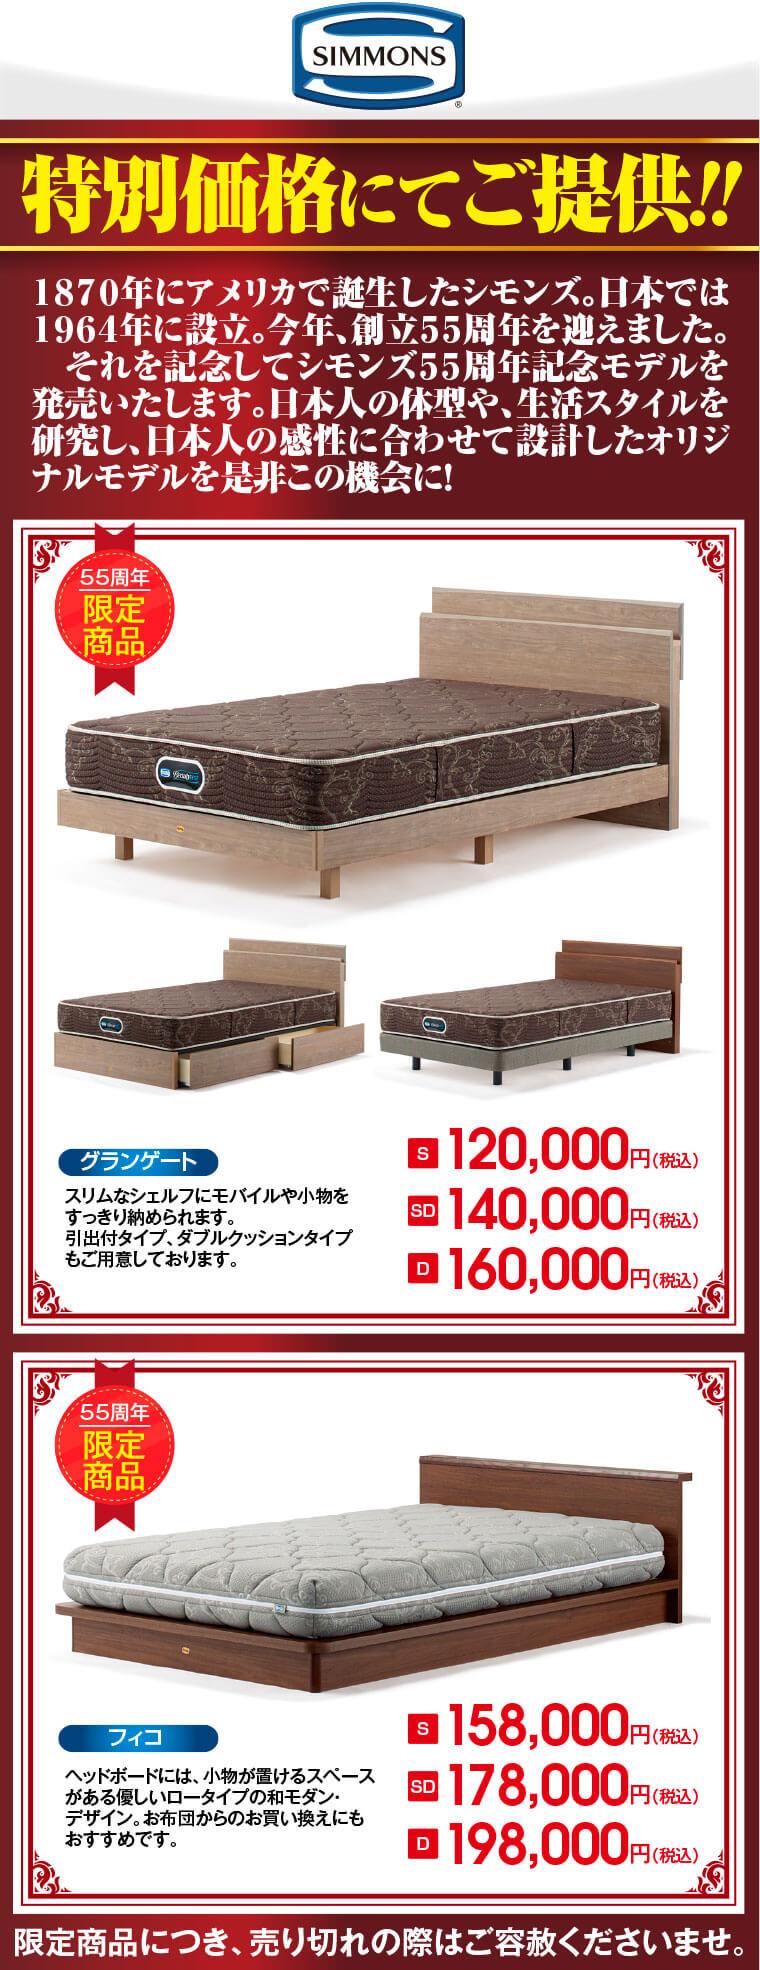 シモンズ特別価格ベッド